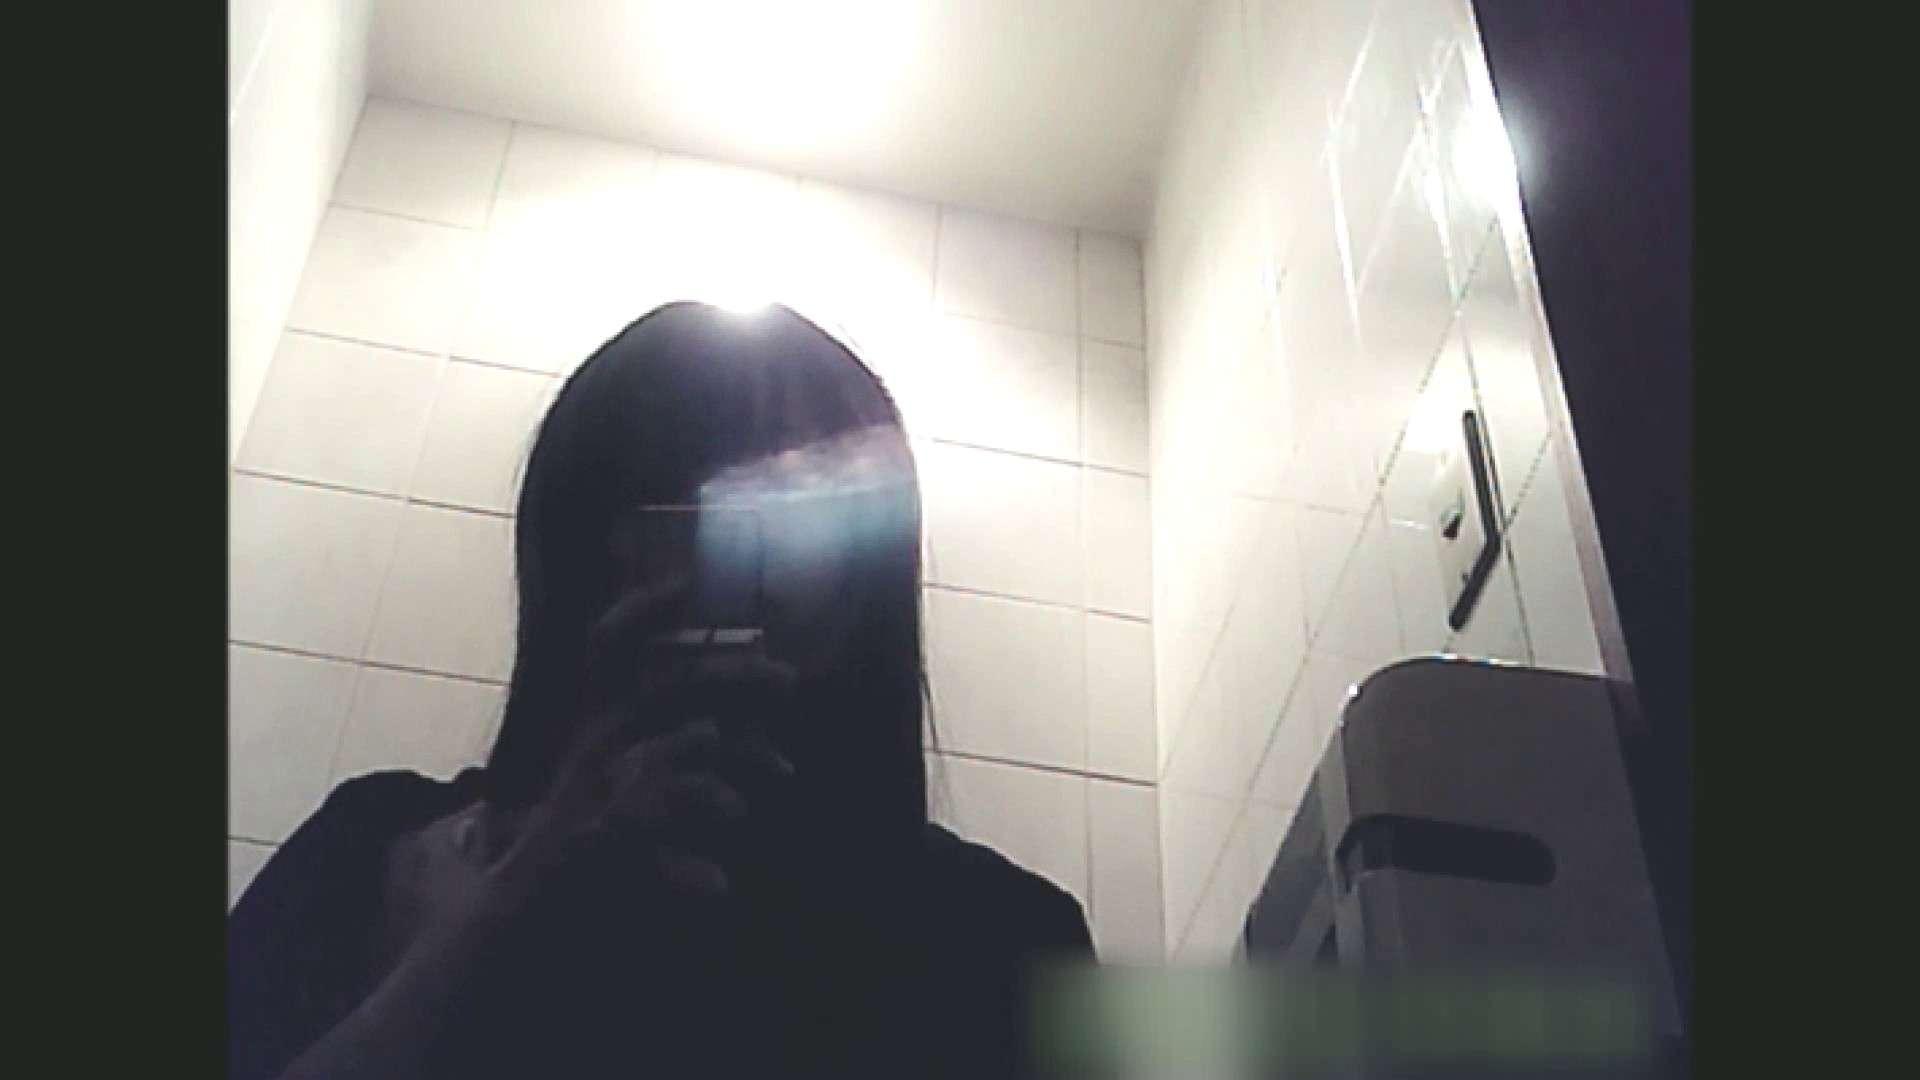 実録!!綺麗なお姉さんのトイレ事情・・・。vol.4 美女ヌード 隠し撮りオマンコ動画紹介 67画像 3